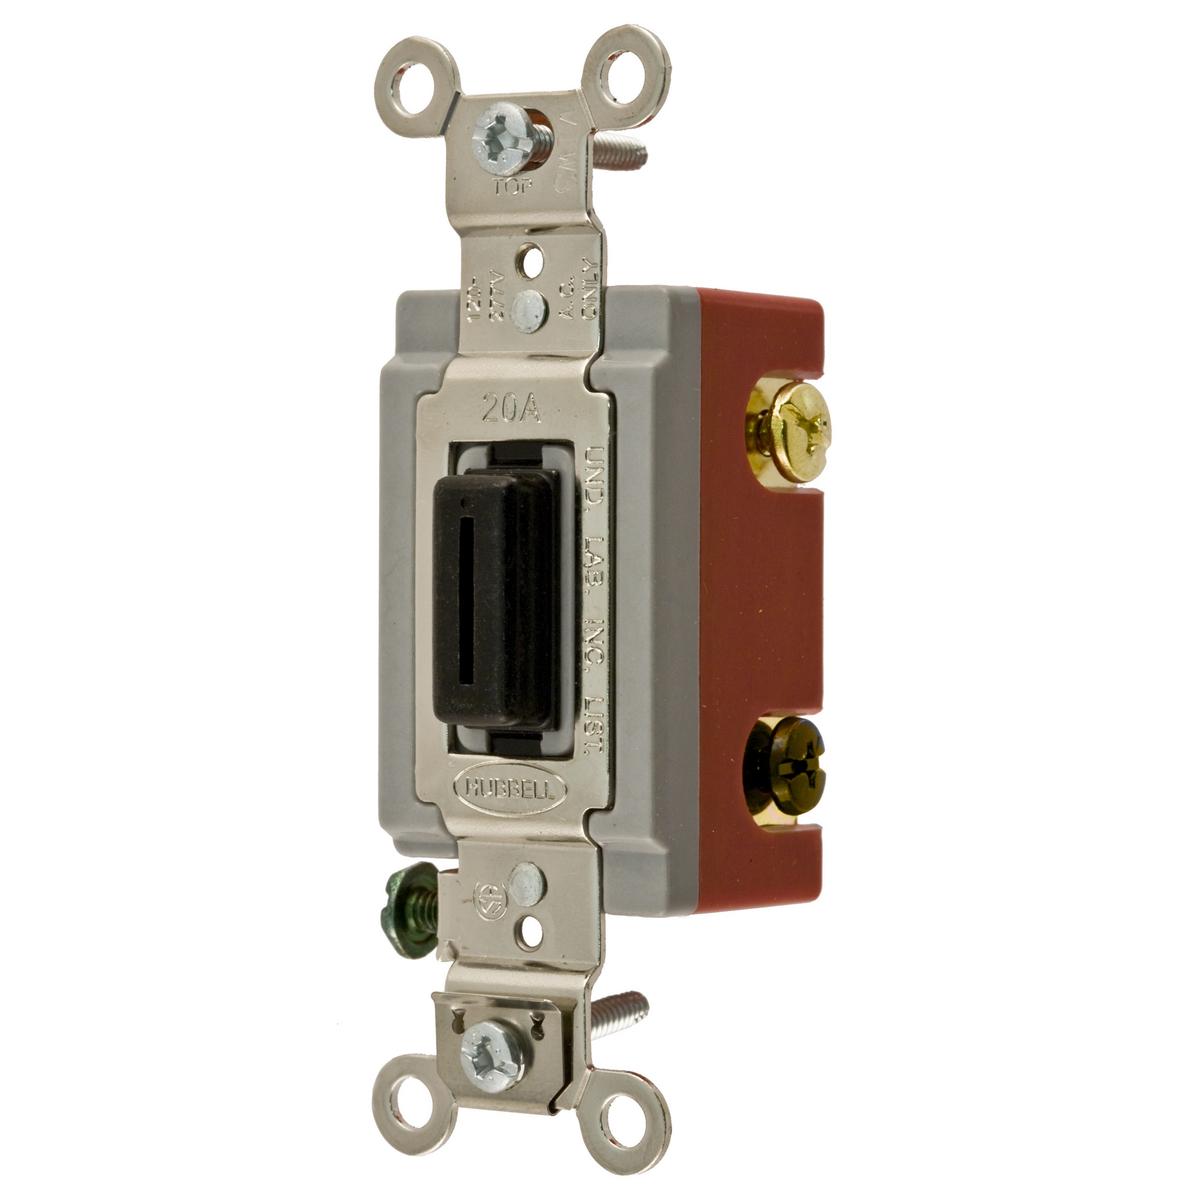 Wiring Device-KellemsHBL1223L